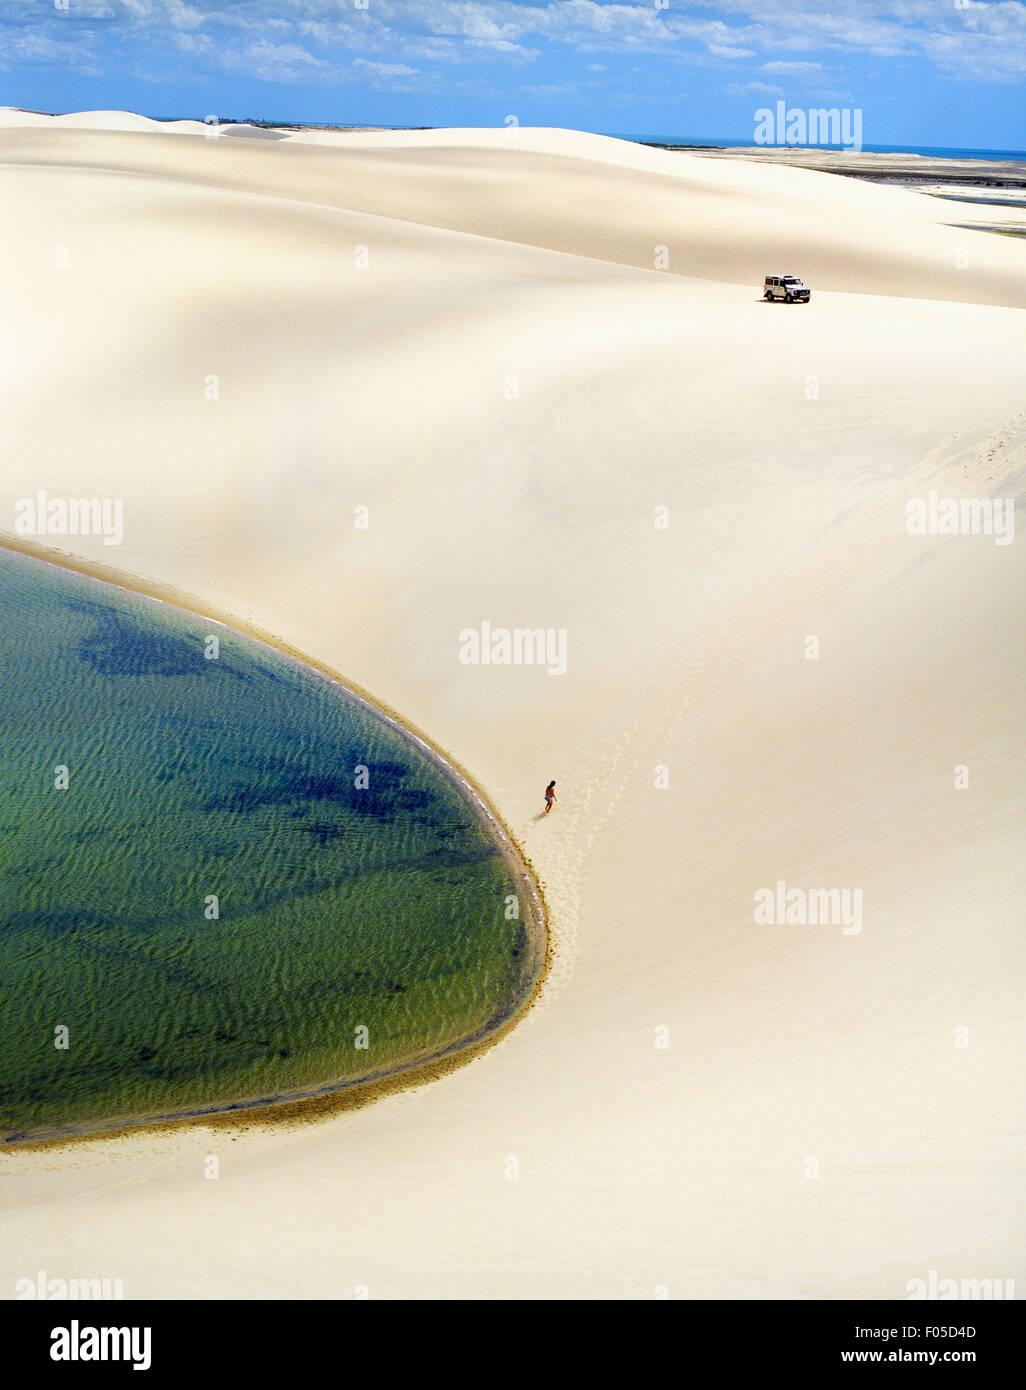 Una arena de boarder caminatas back up una duna para otro paseo en Dunas Tatajuba, justo en las afueras de Jericoacara, Imagen De Stock